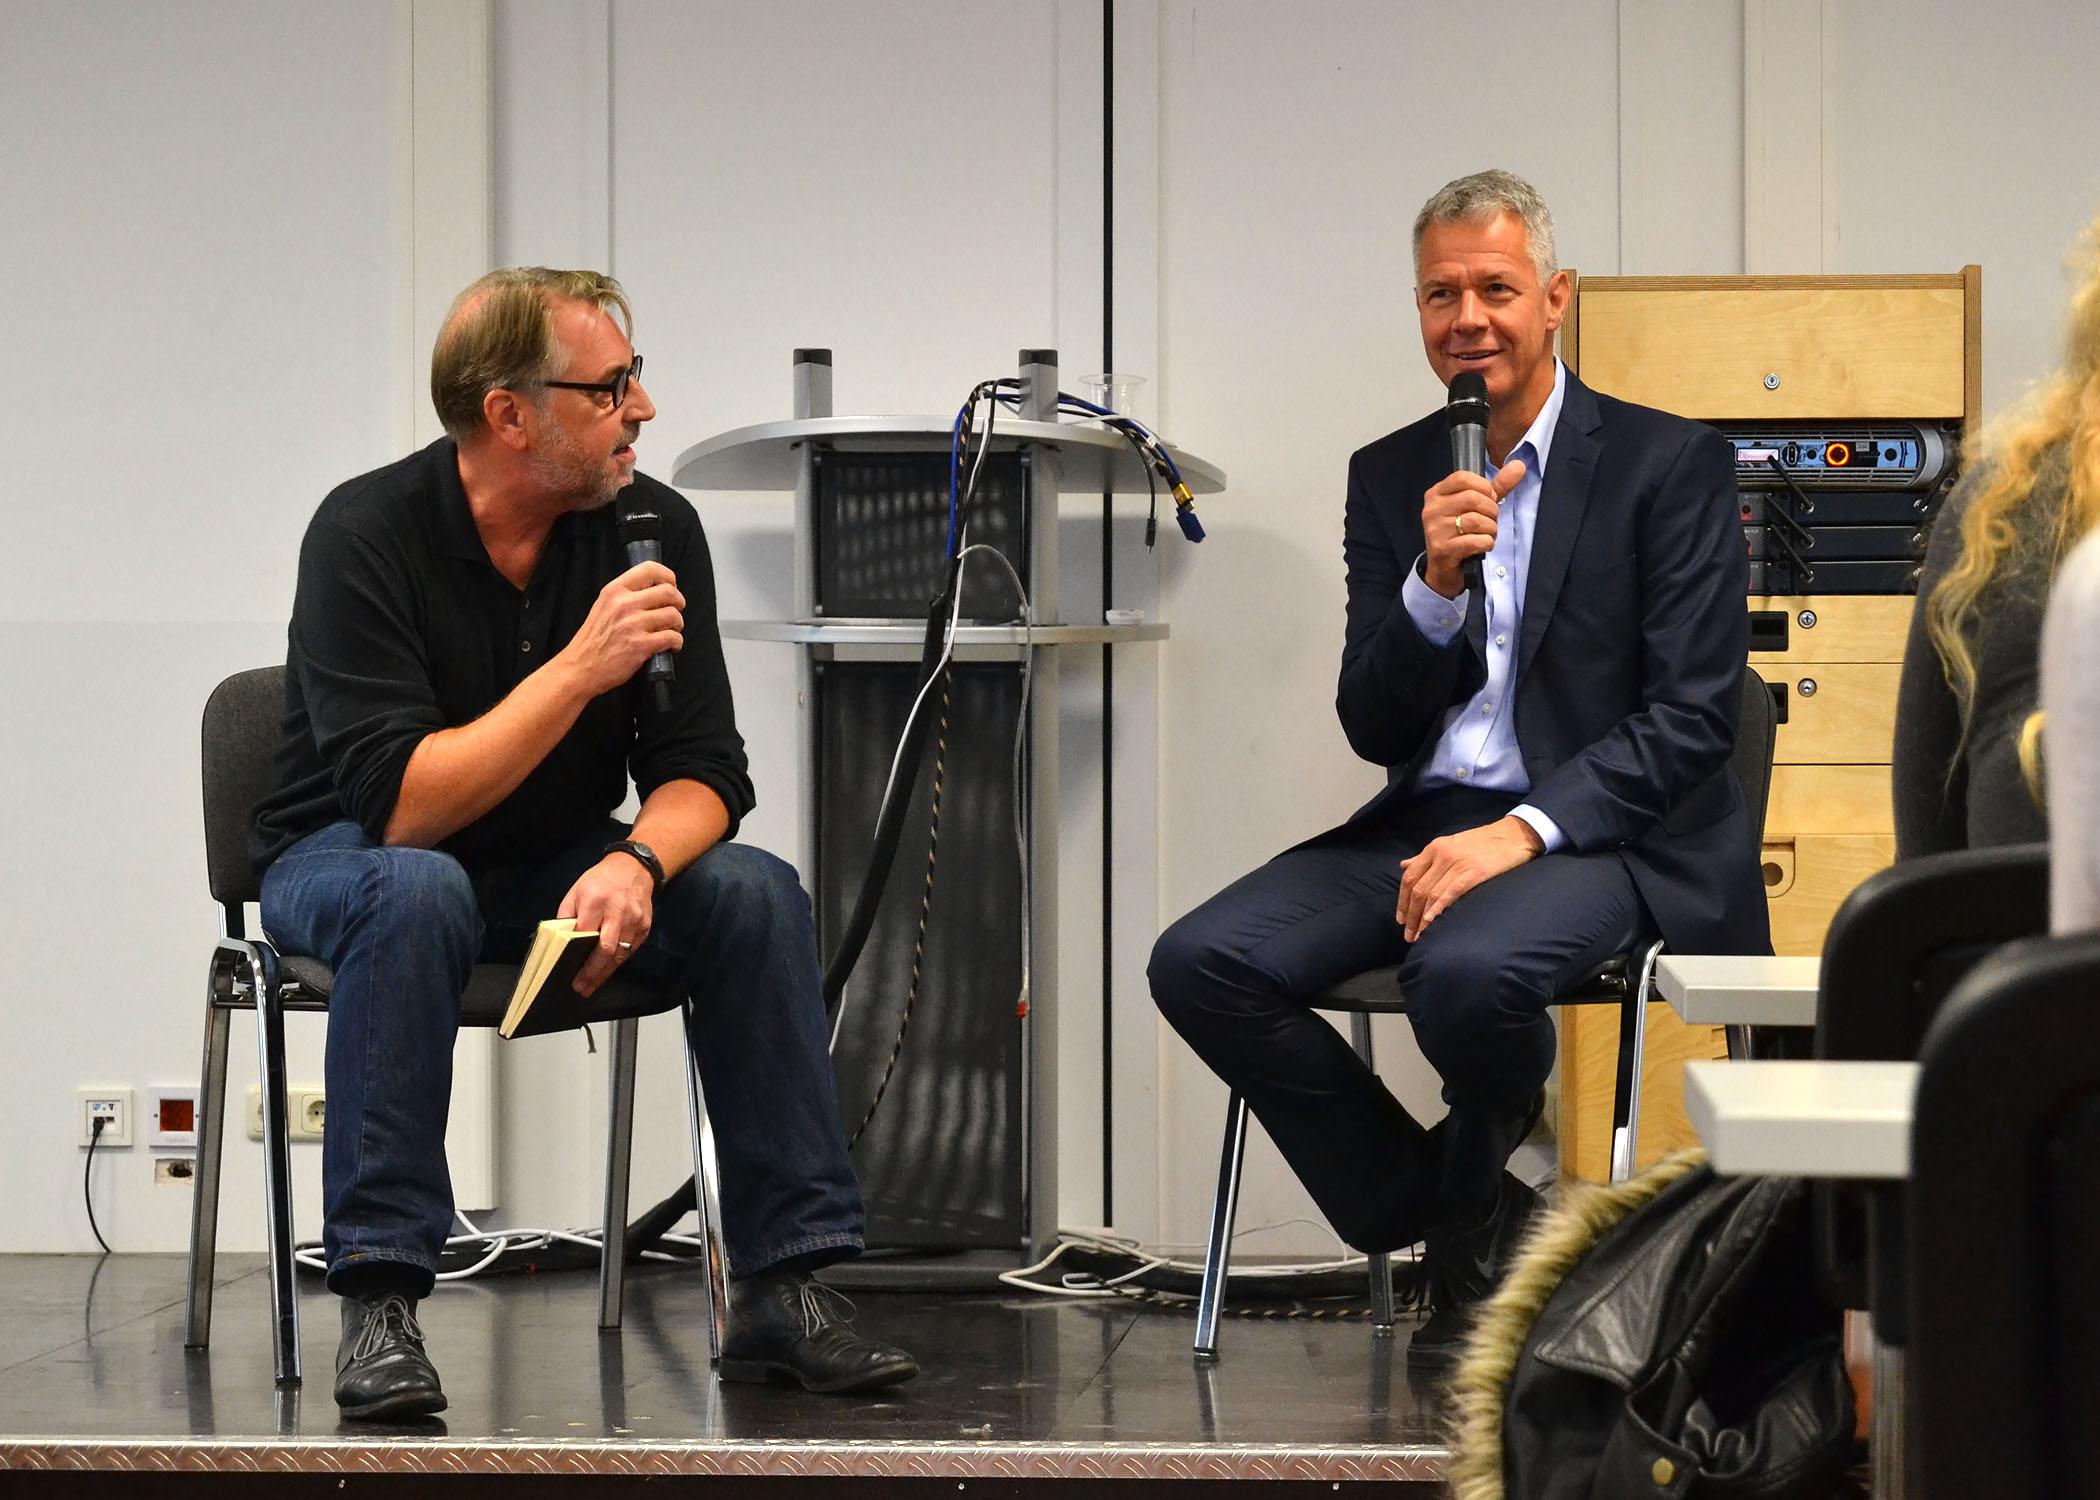 Am 25.10.2016 besuchte Peter Kloeppel die HMKW Köln zum zweiten Mal.